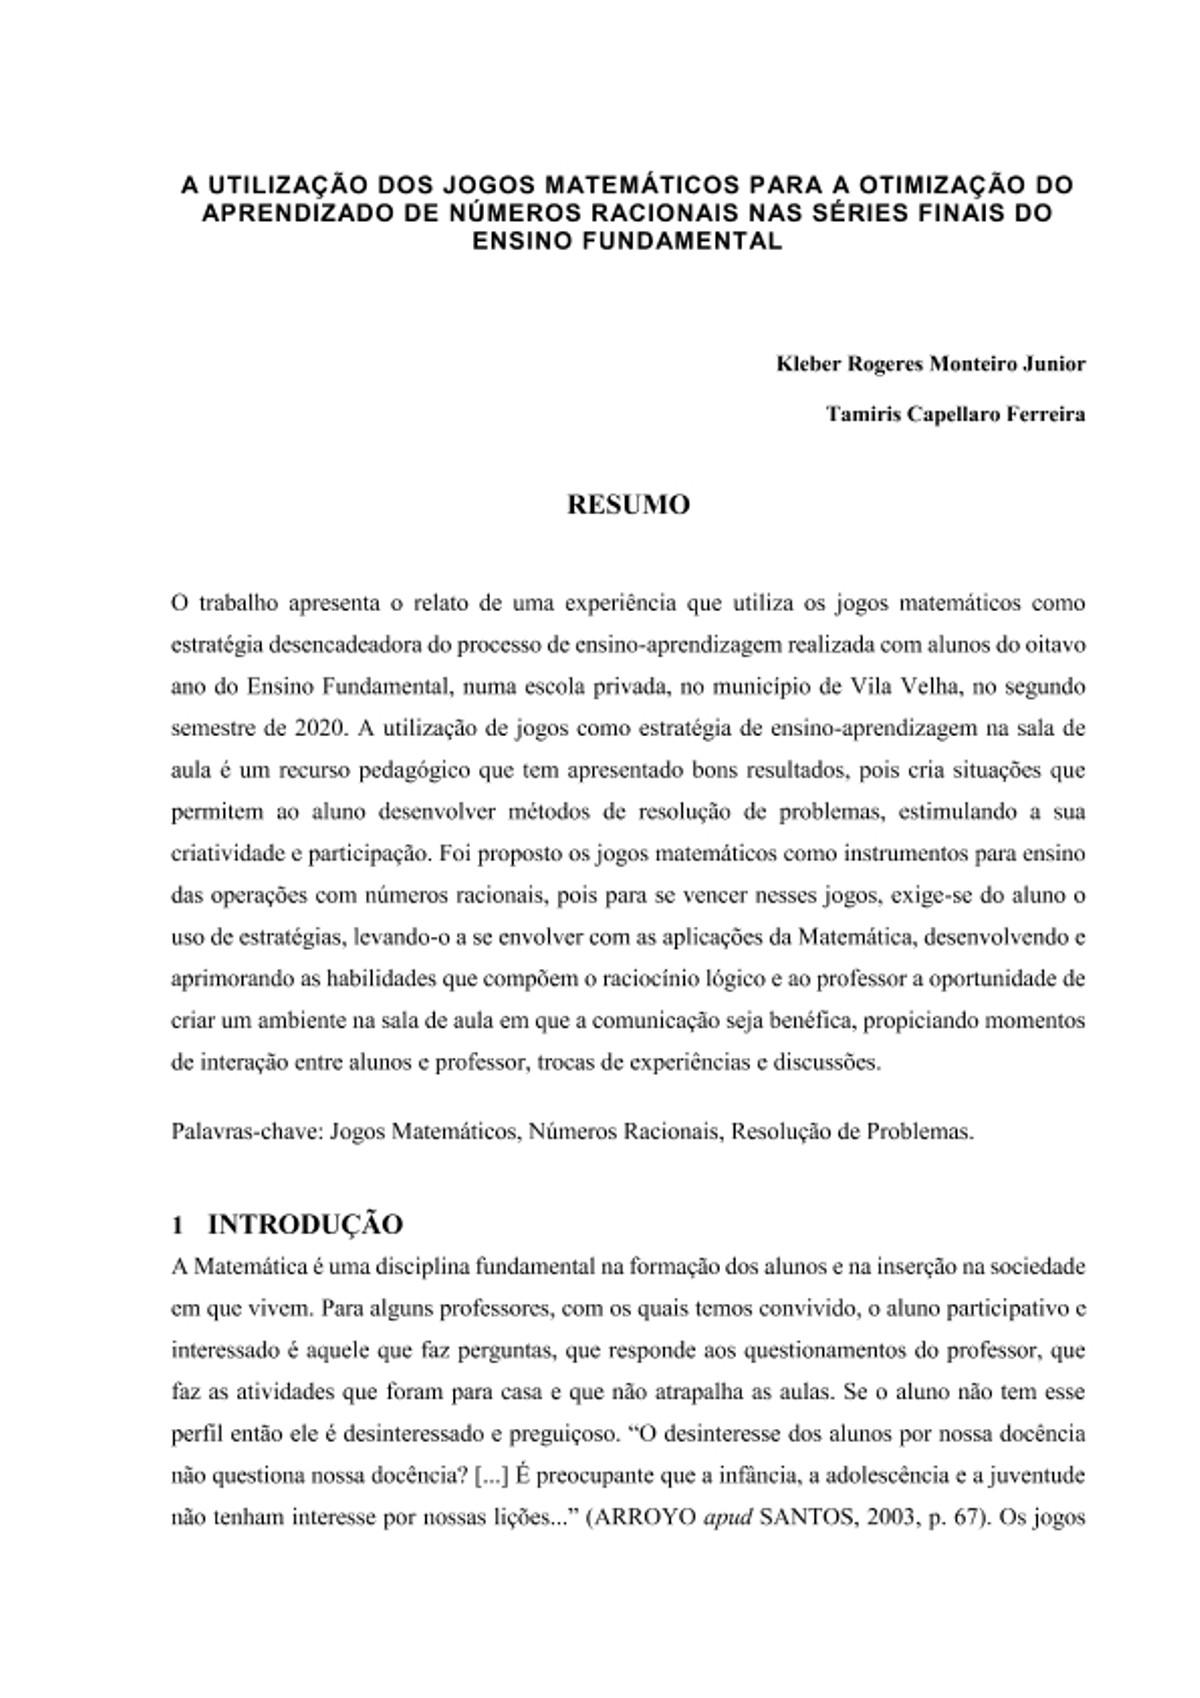 Pre-visualização do material TCC - MATEMÁTICA - ESTÁCIO DE SÁ - página 1